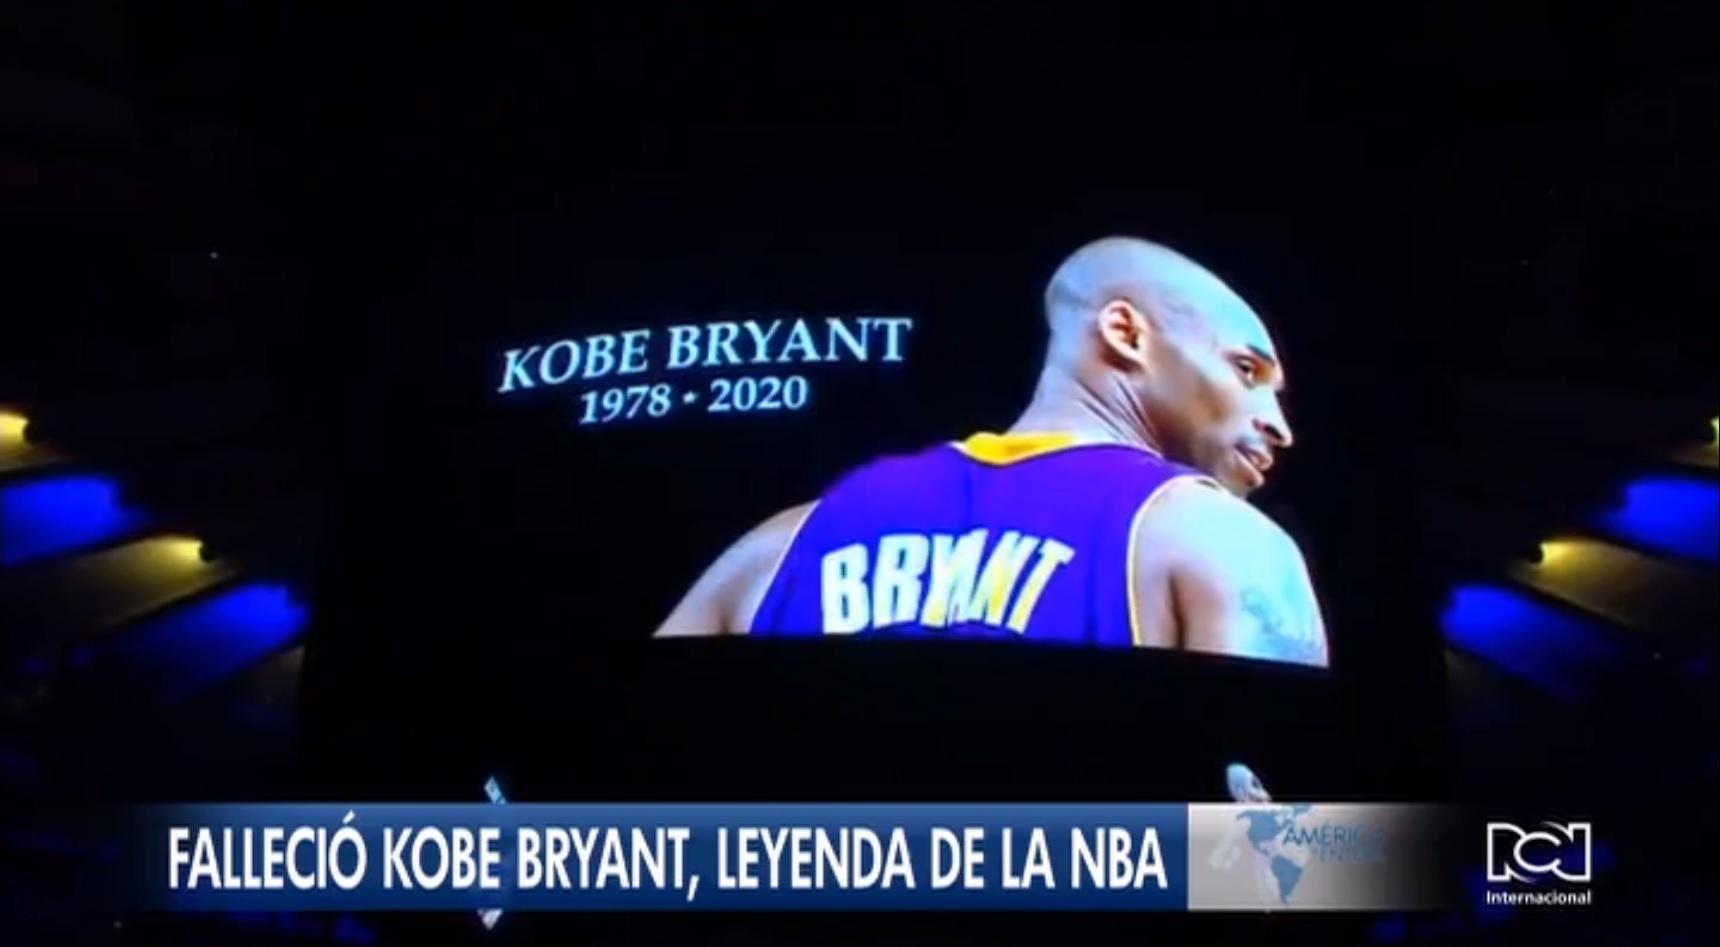 El mundo llora la muerte del basquetbolista estadounidense Kobe Bryant